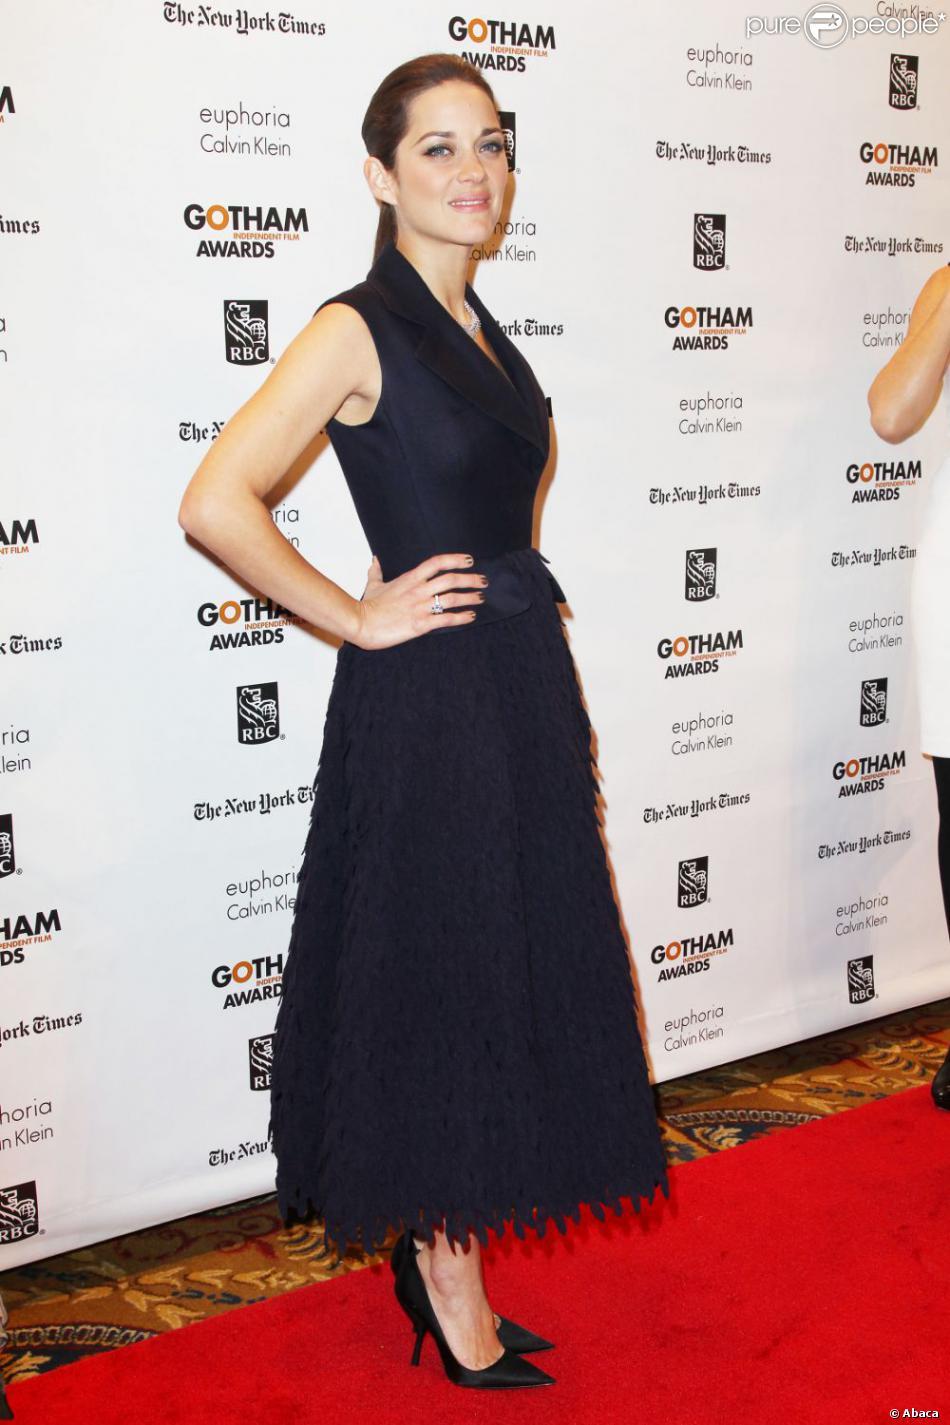 Marion Cotillard était habillée en Dior pour la soirée de remise de prix des Gotham Independent Film Awards à New York le 26 novembre 2012.